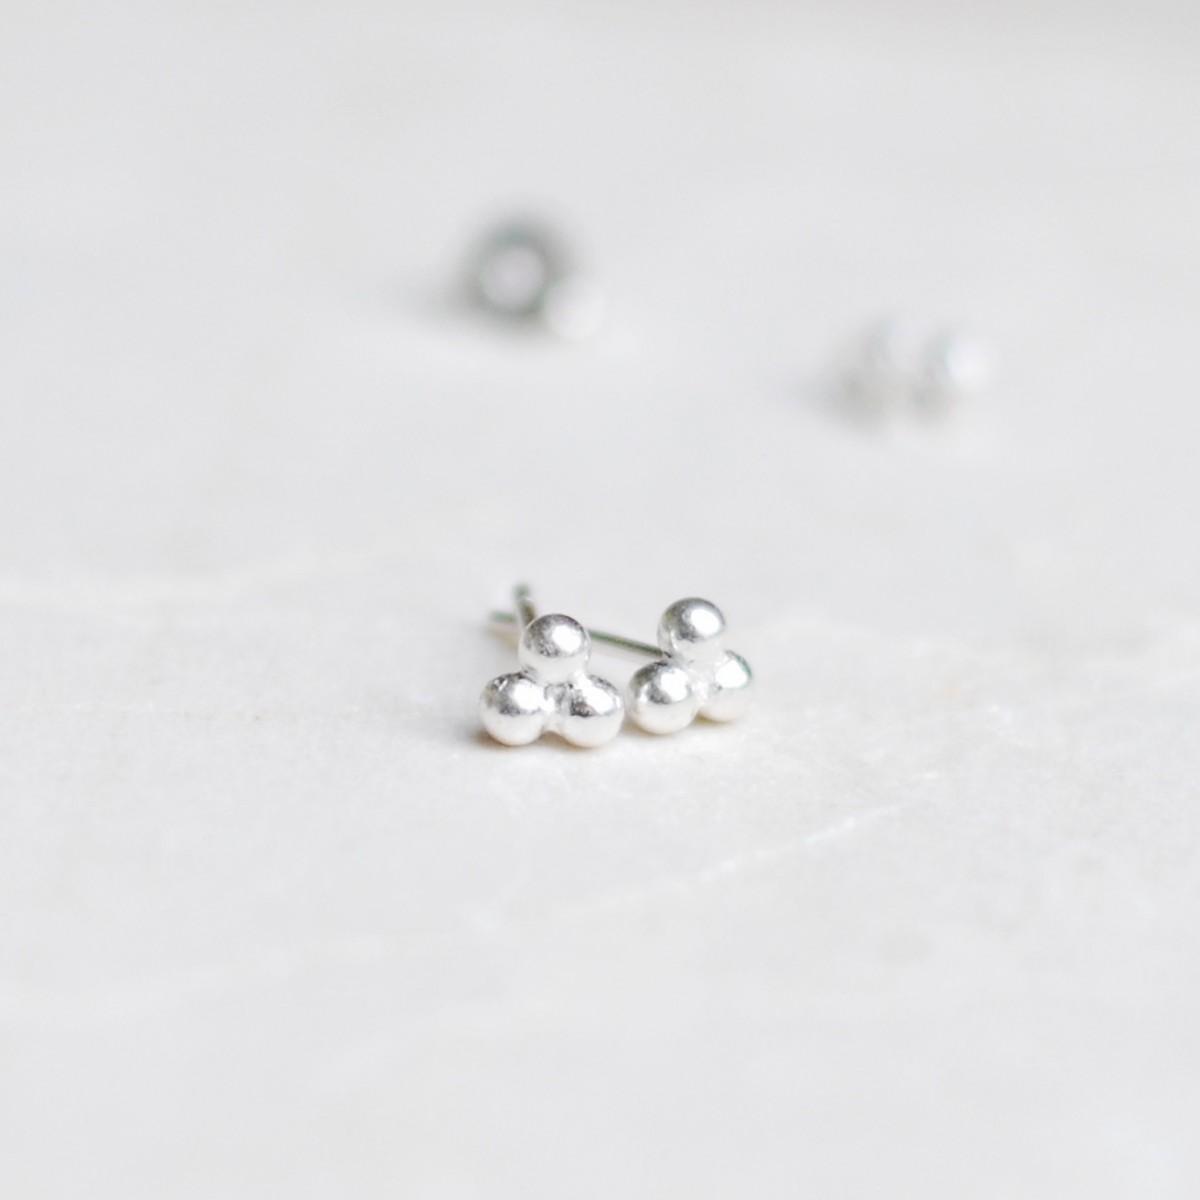 iloveblossom Mini Puffed Triangle Earrings